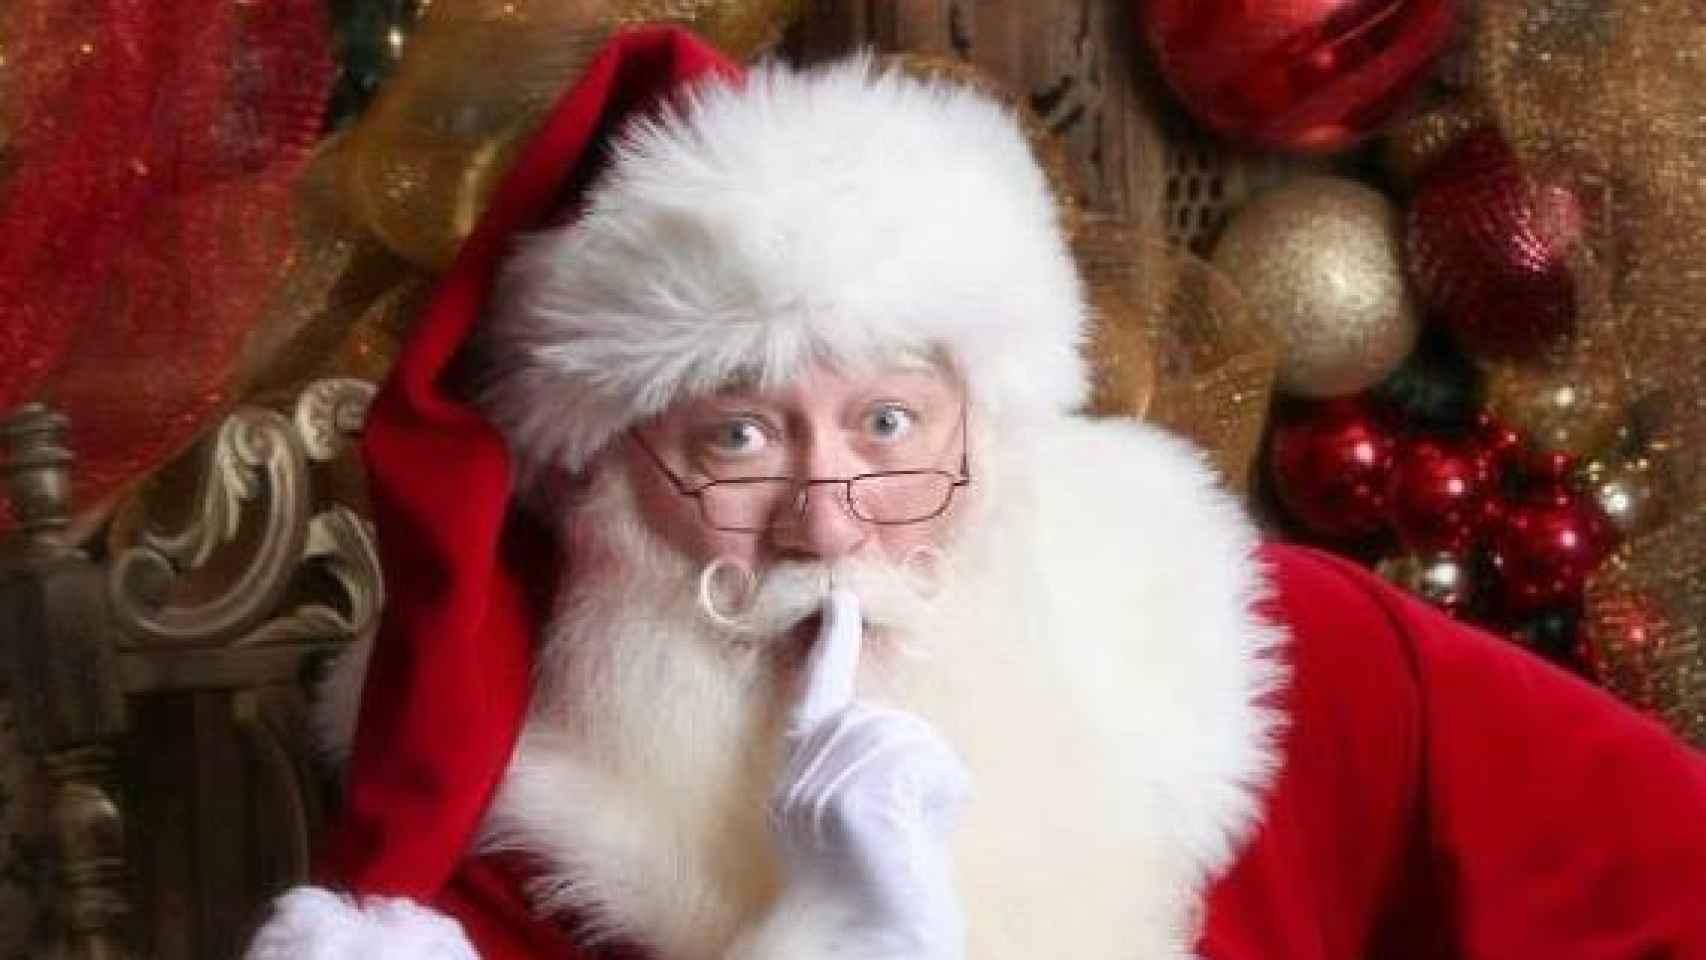 Eric Schmitt-Matzen vestido de Santa Claus.